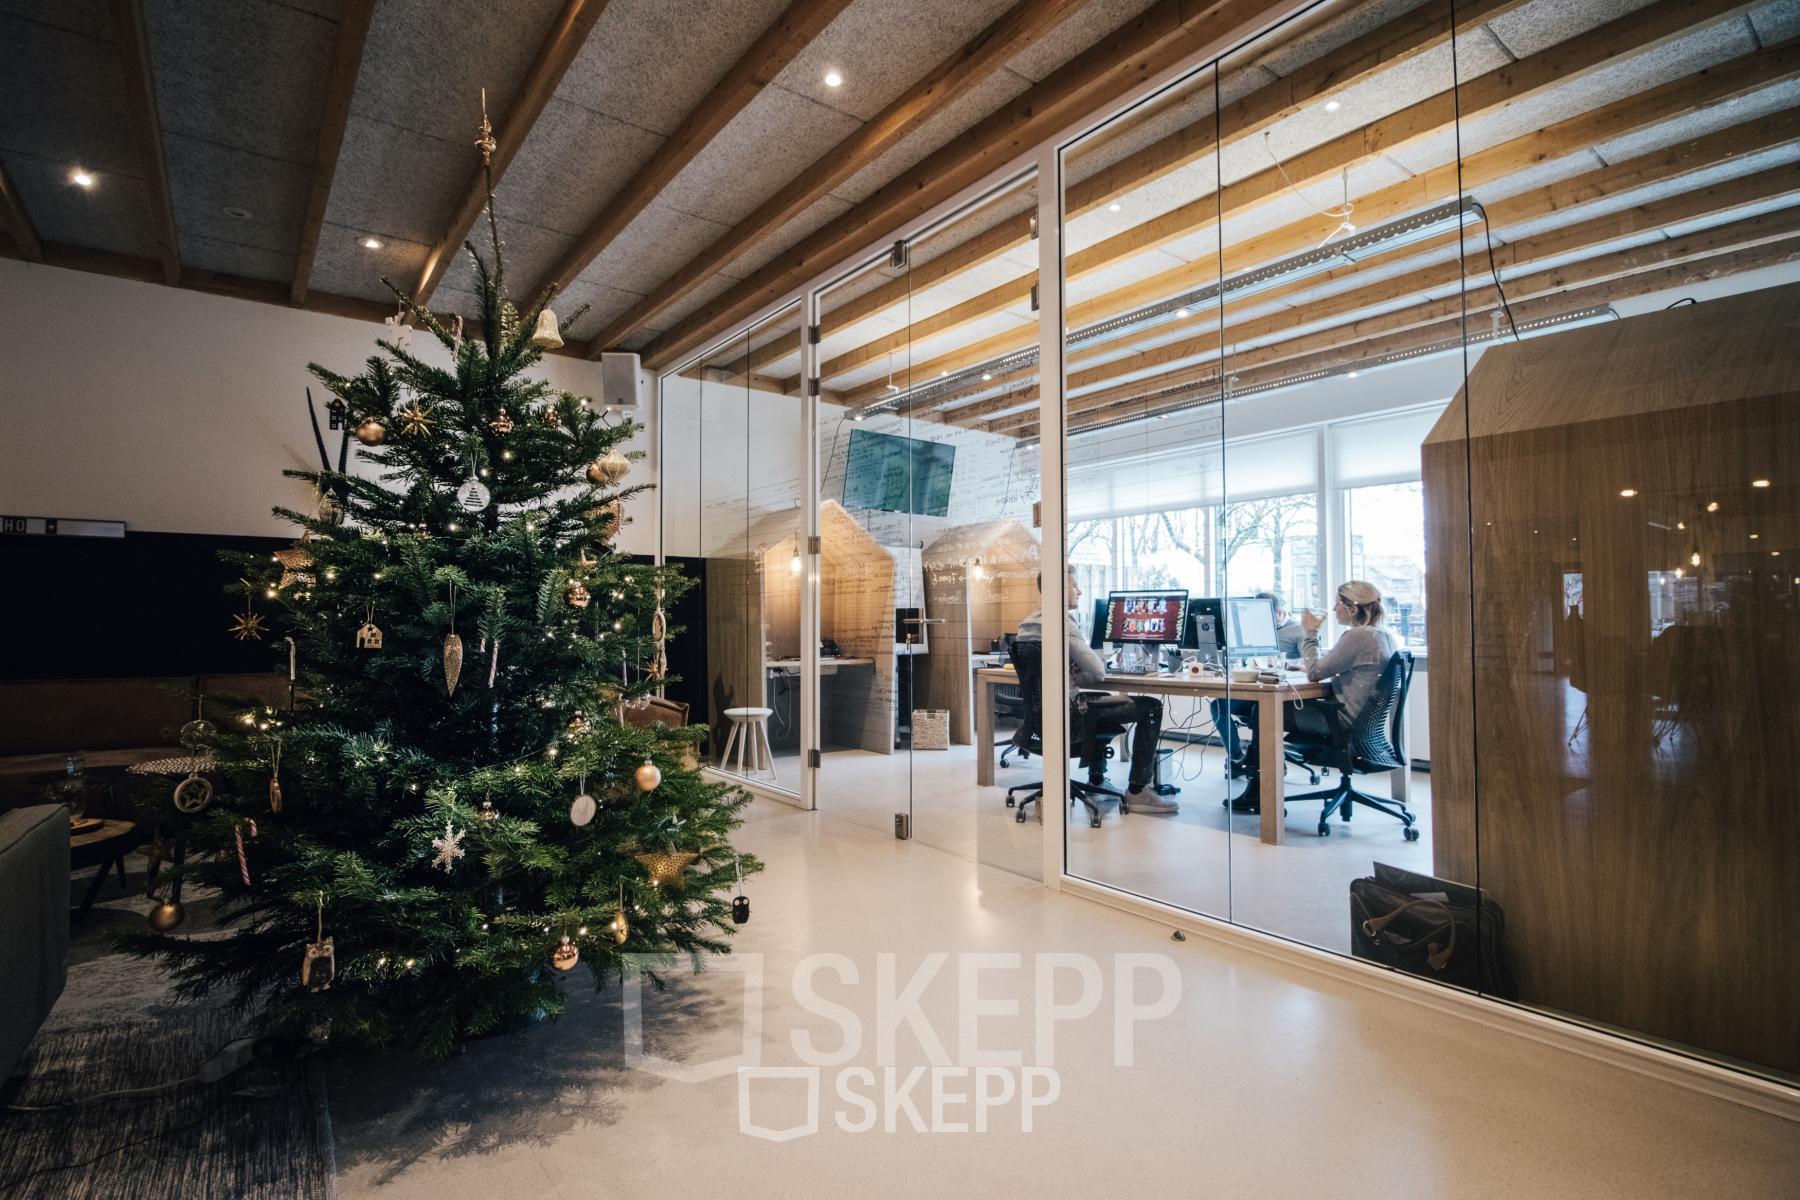 Interieur Ideeen Voor Kerst.How To Een Kantoorinrichting Met Kerstsfeer Skepp